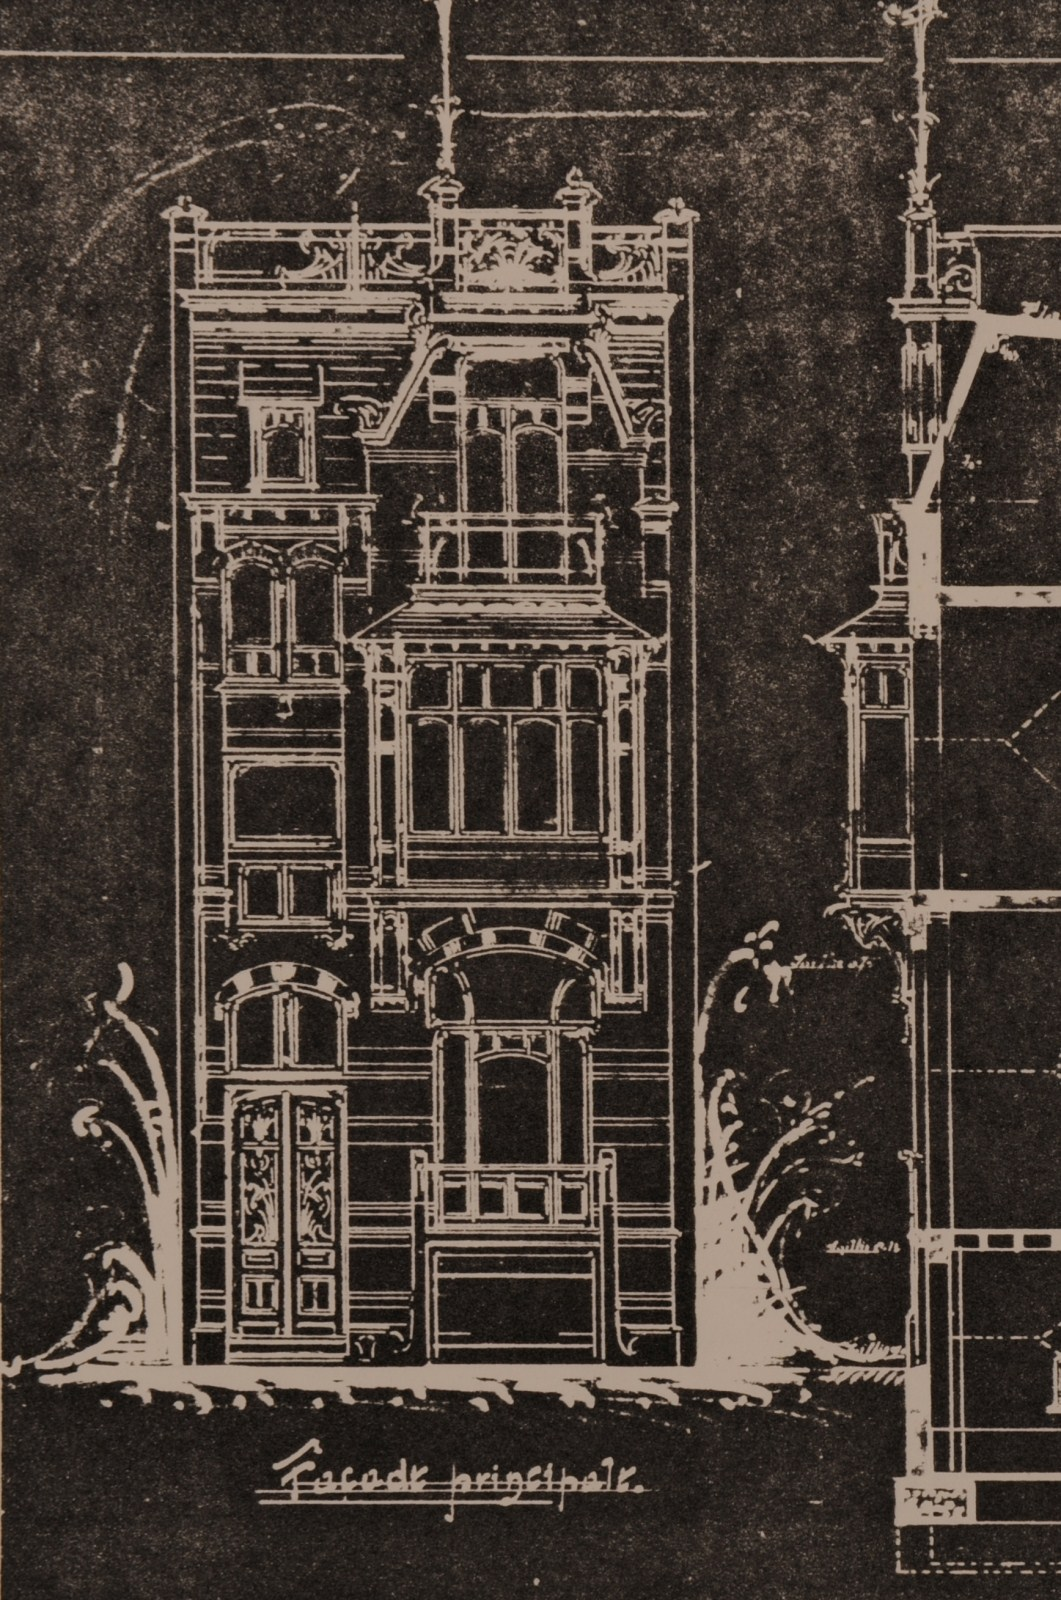 Rue de l'Abdication 4, reproduction de l'élévation et de la coupe de la façade, AVB/TP 6386 (1902).